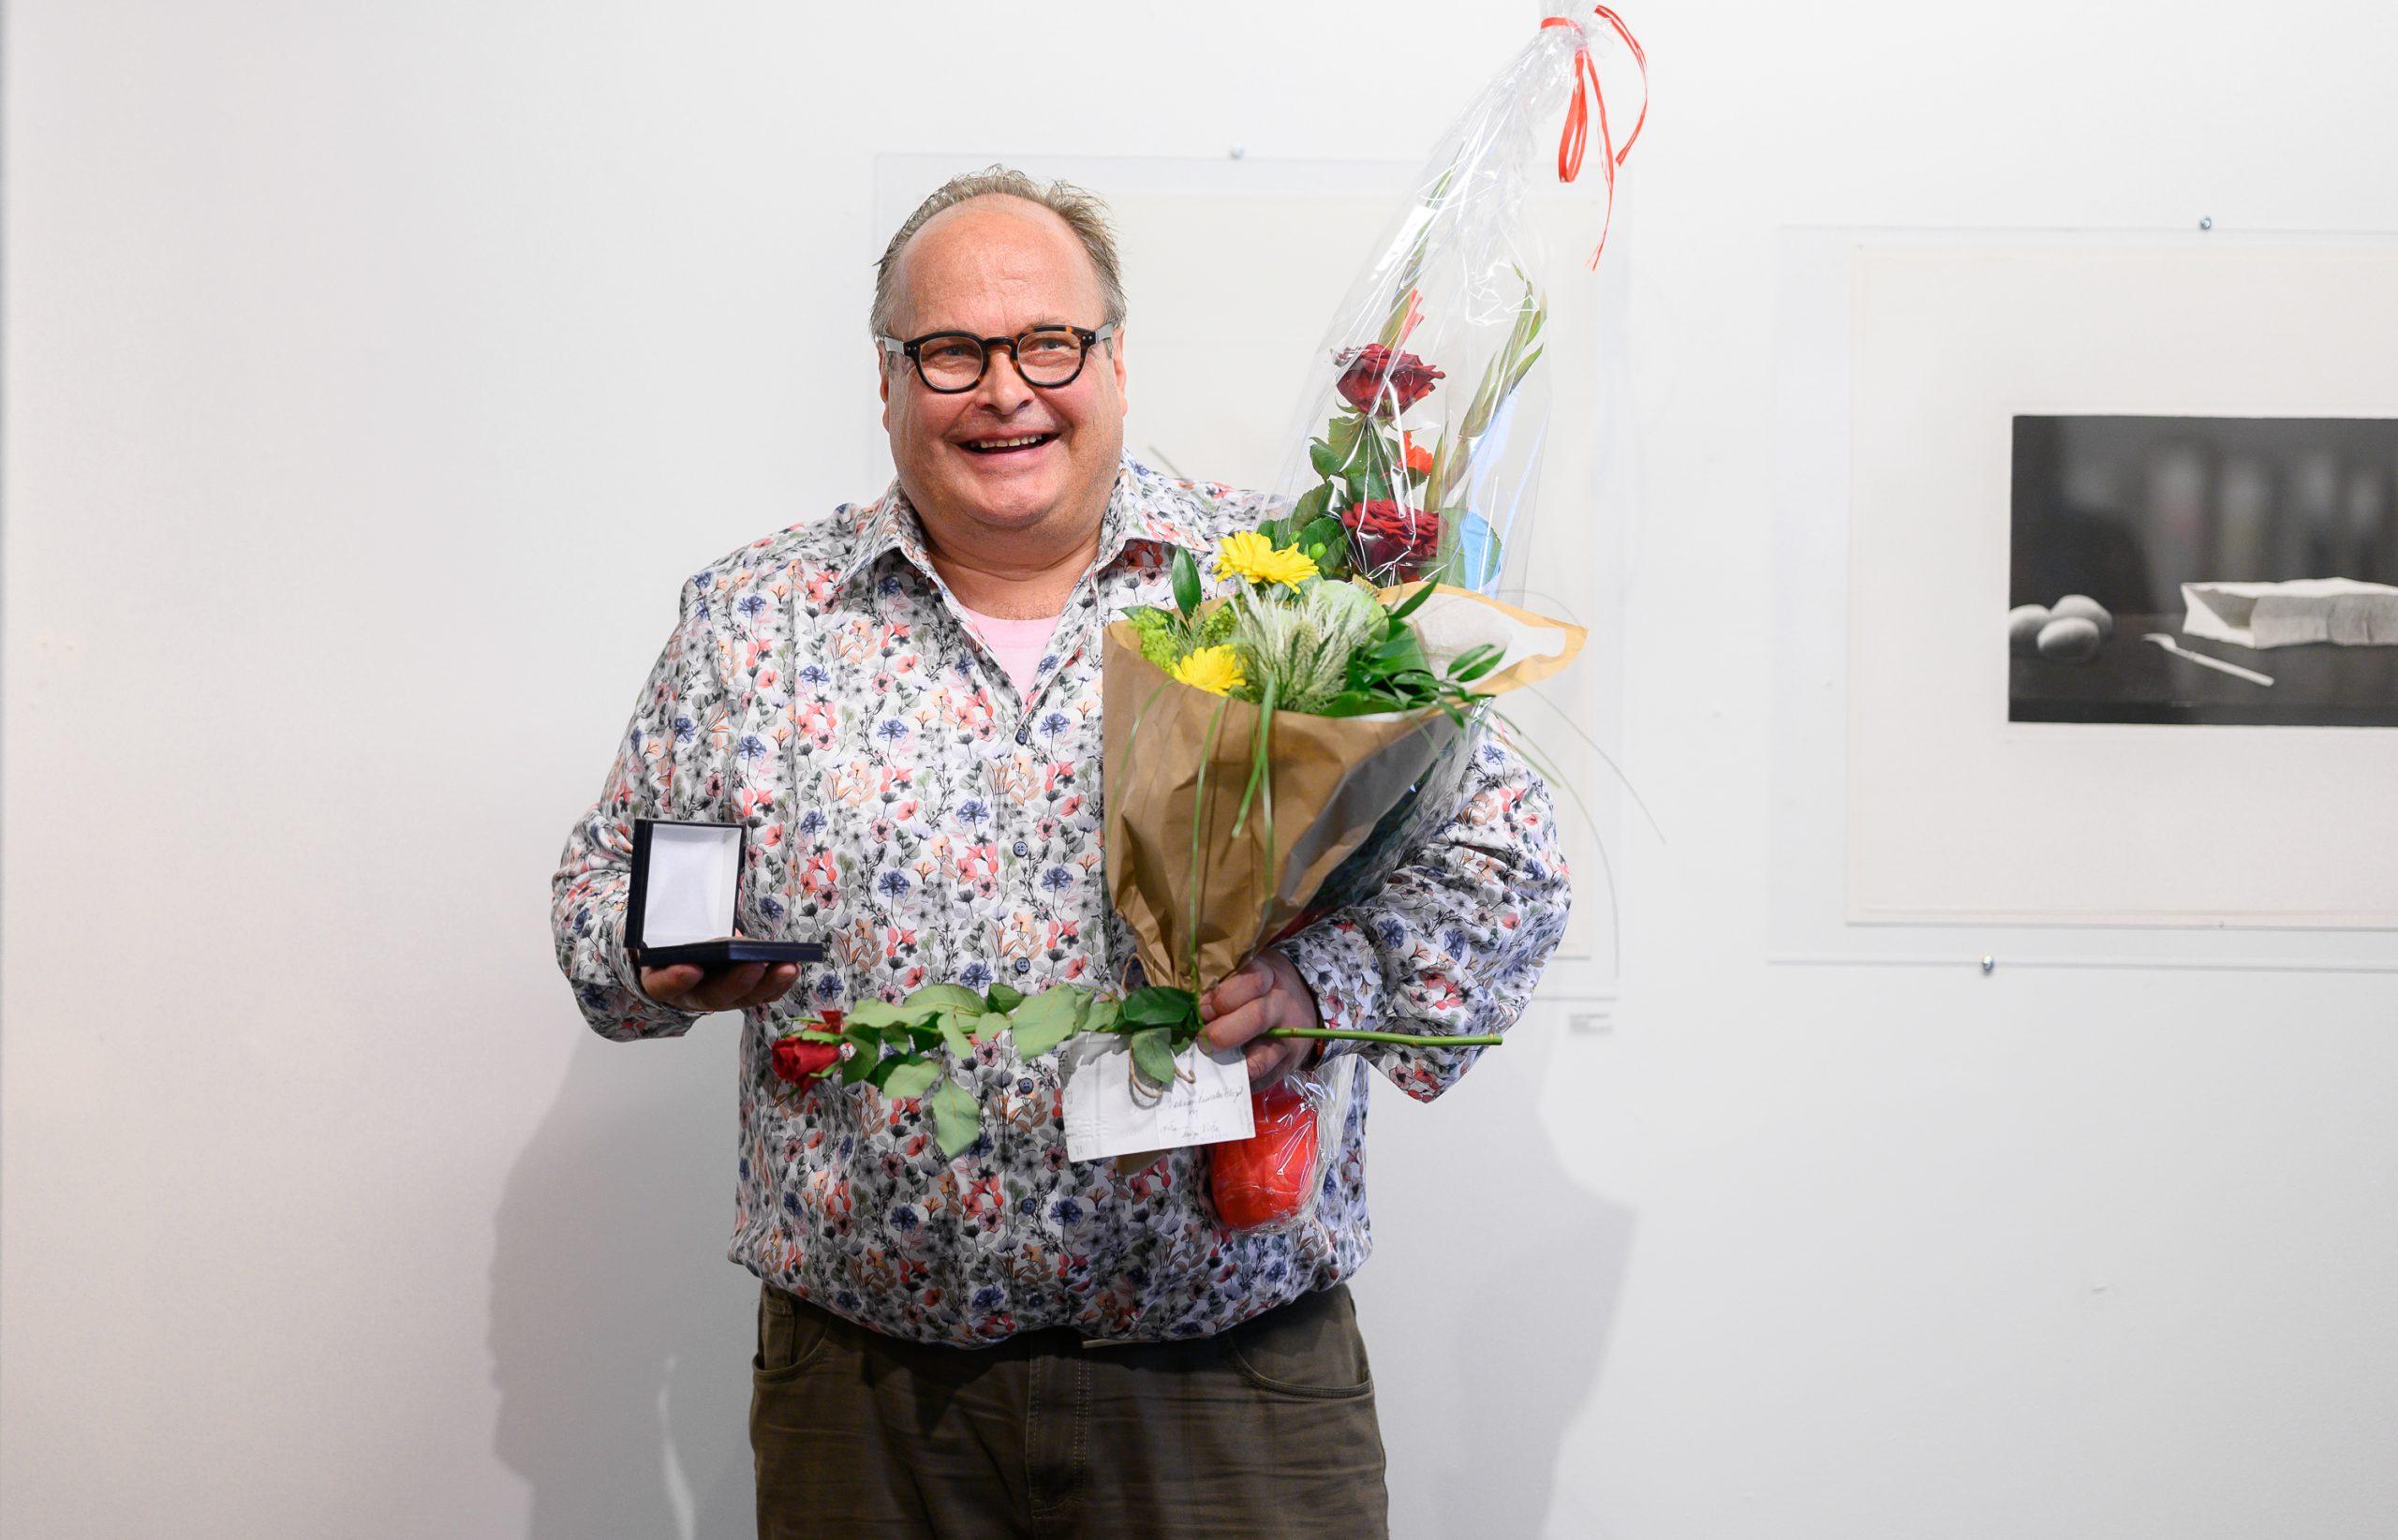 Grafiikanpaja Himmelblaun toimitusjohtaja ja Finlayson Art Arean tapahtumajohtaja Pertti Ketonen, kuvaaja: Mikko Vares